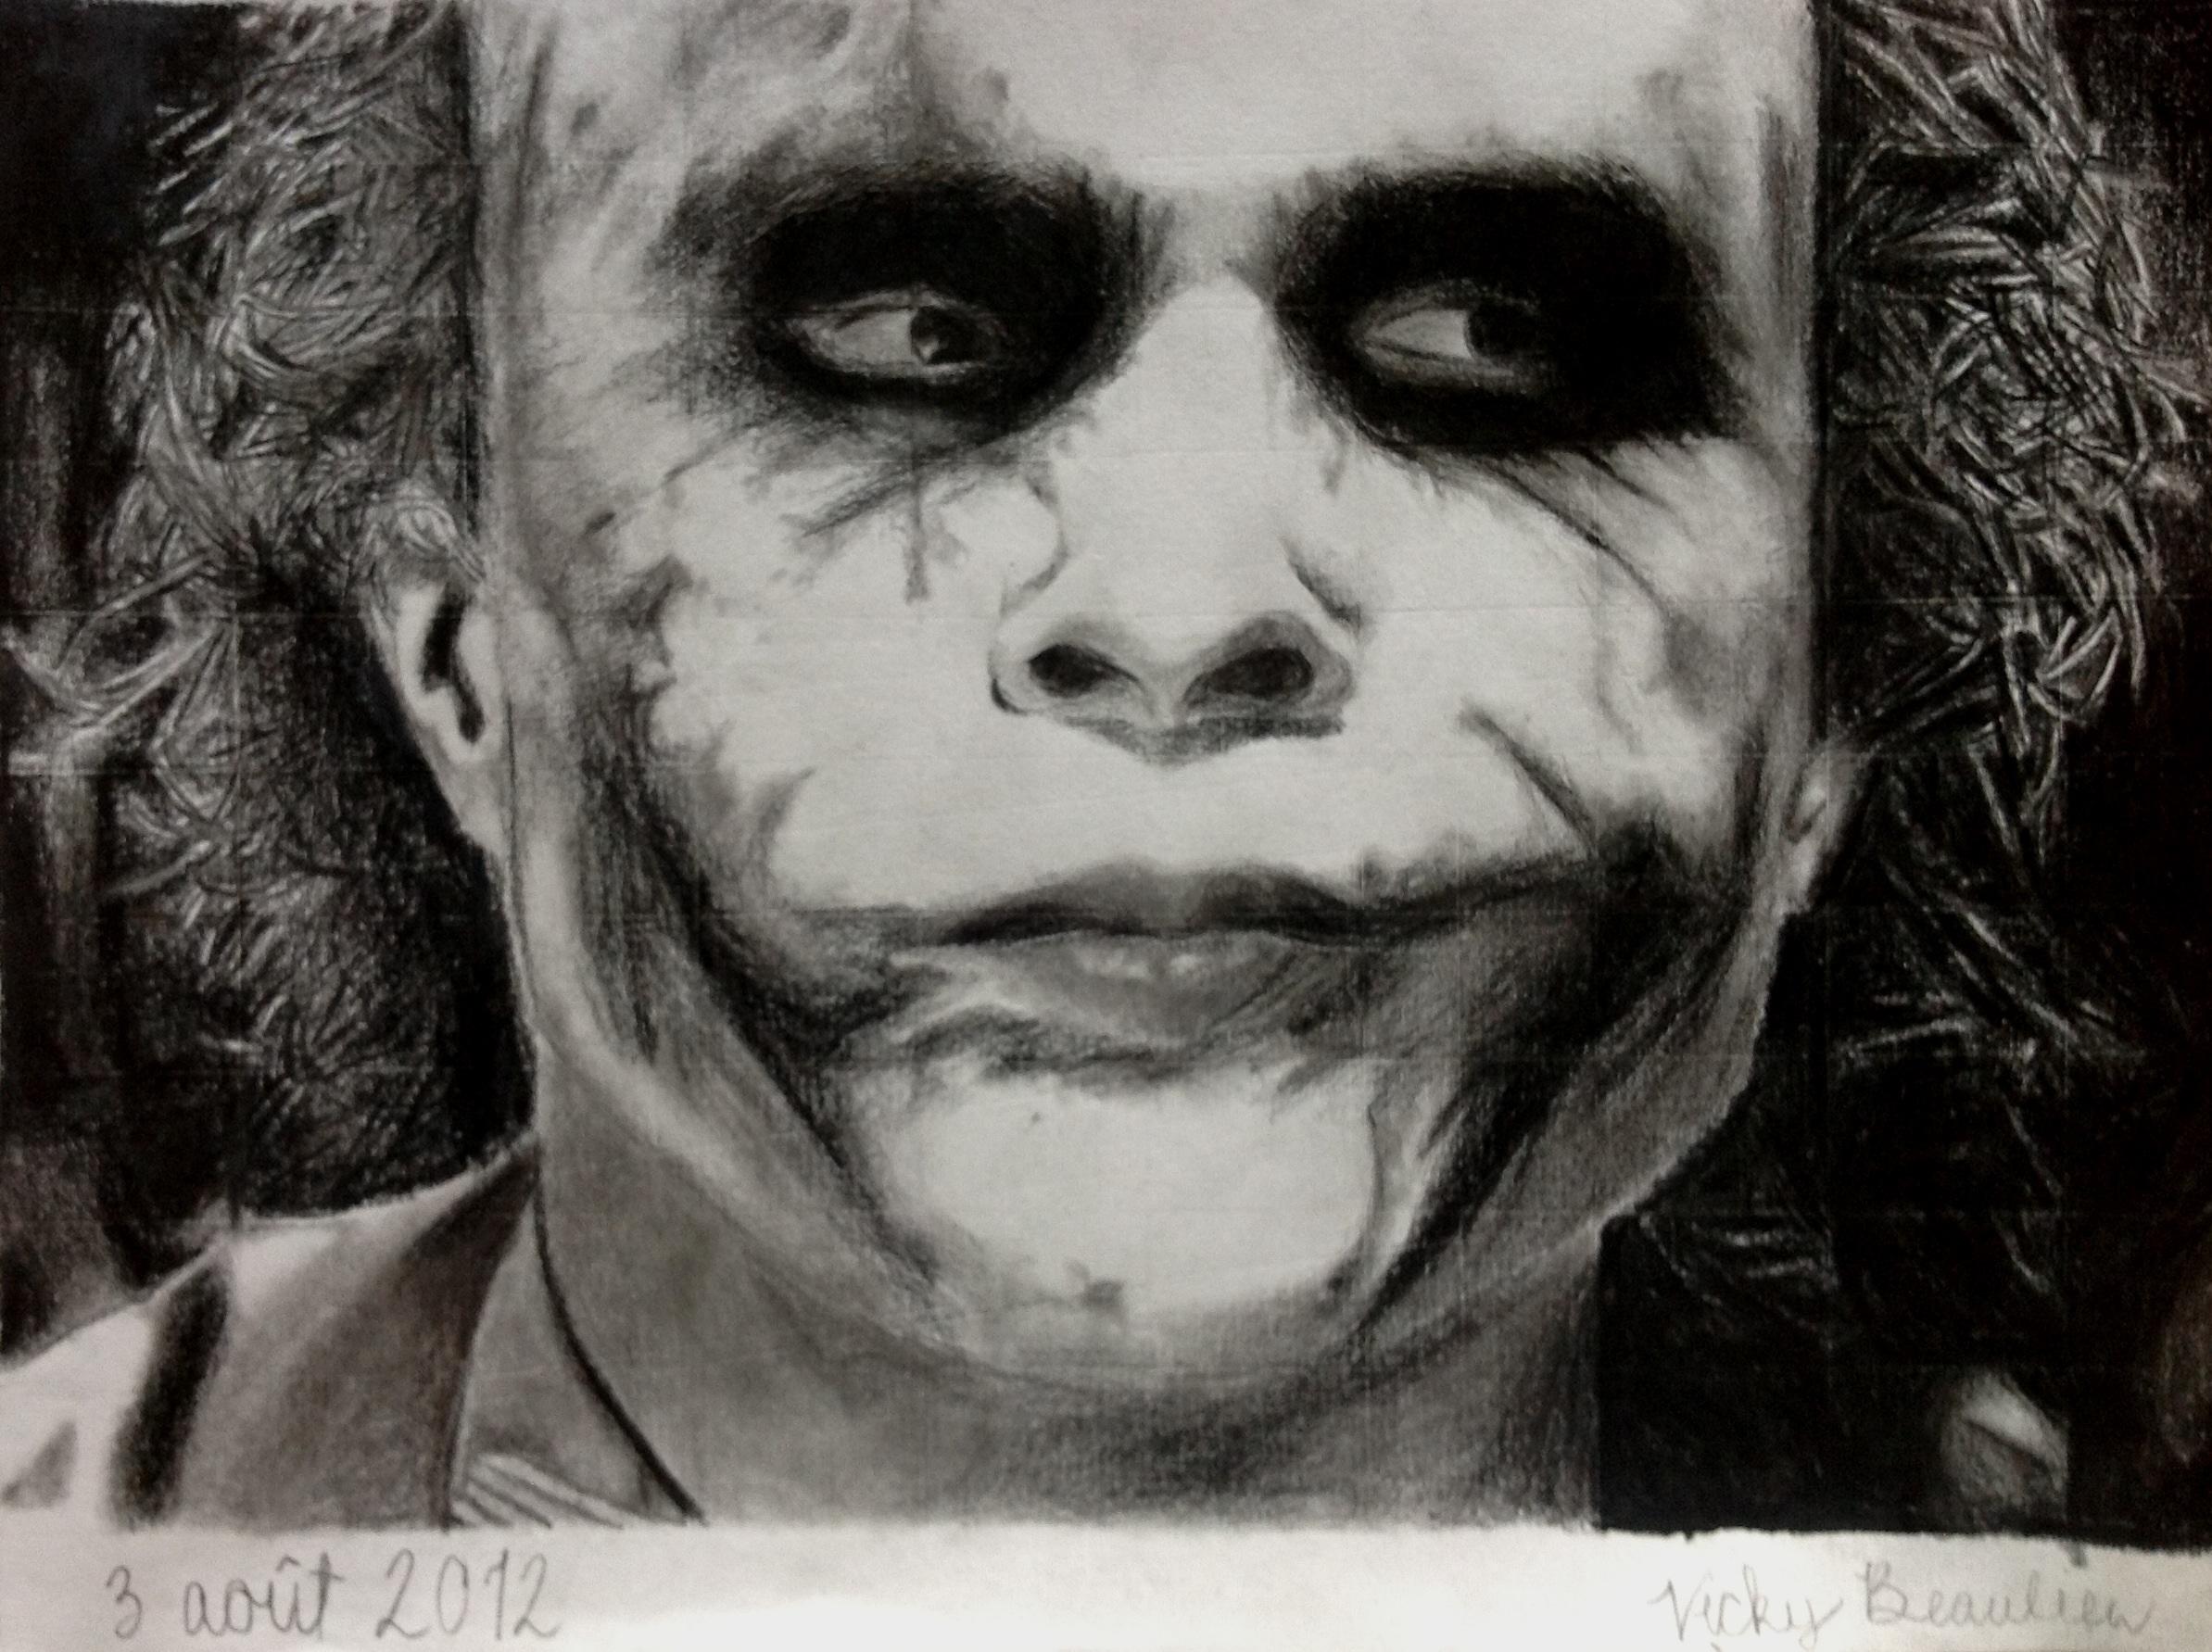 The Joker II by Vickyx22